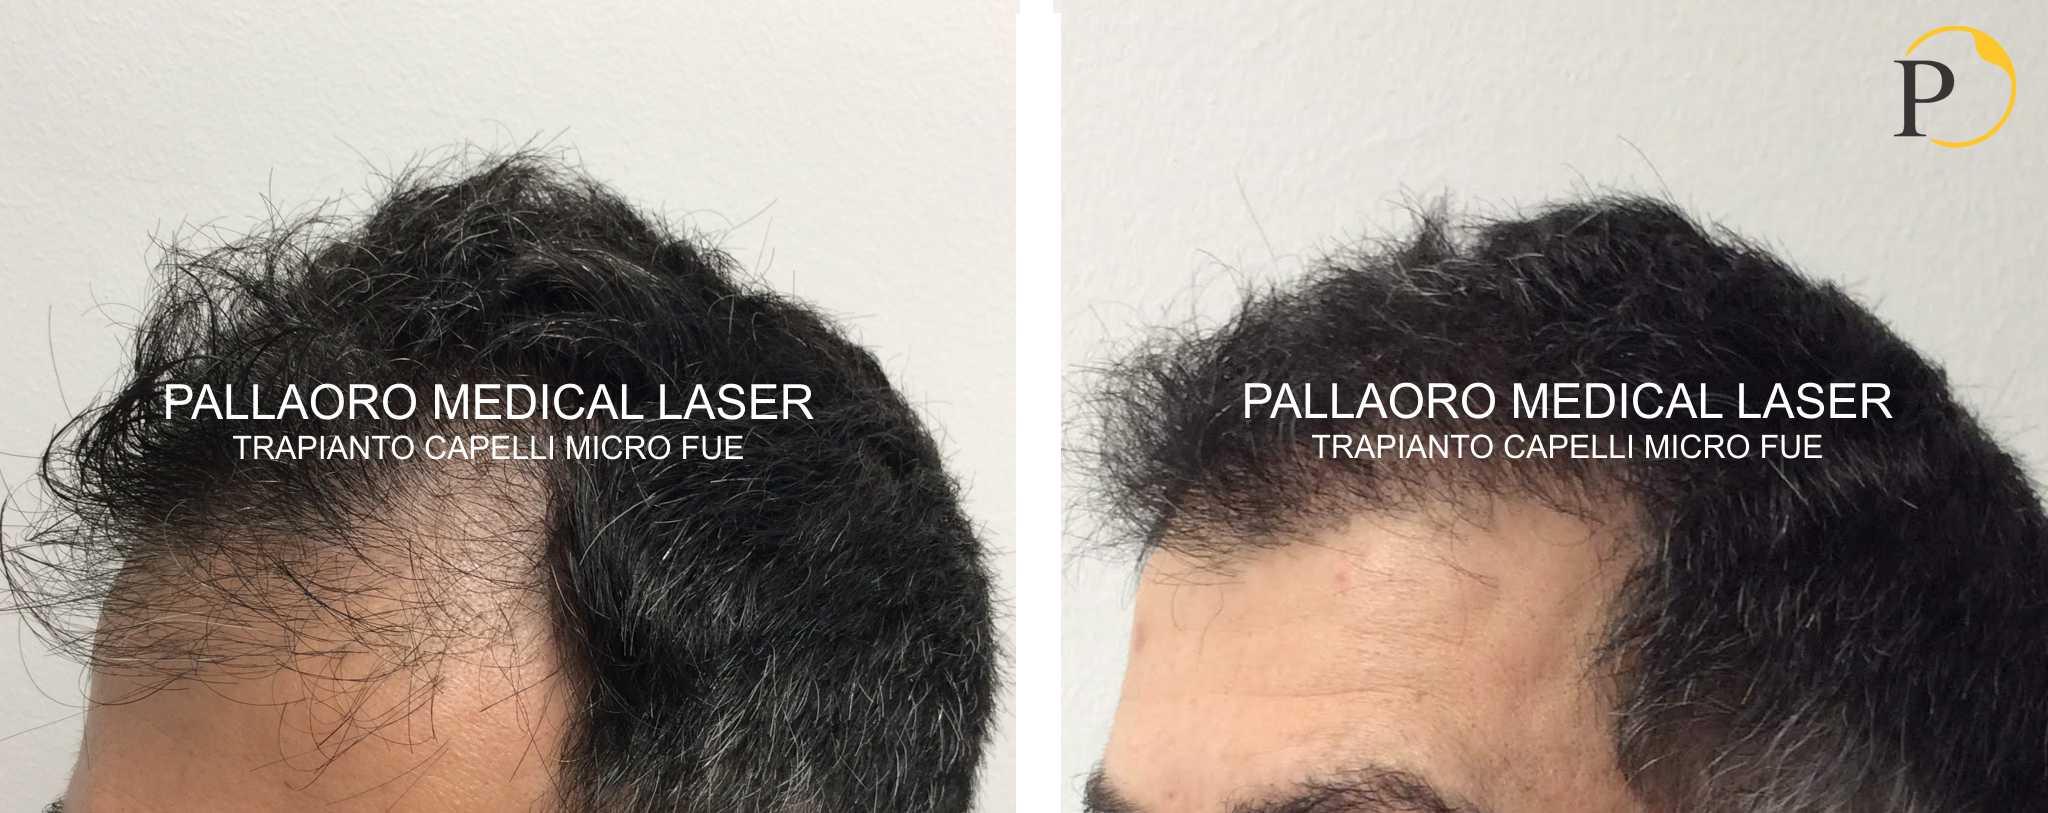 trapianto capelli 19-0703